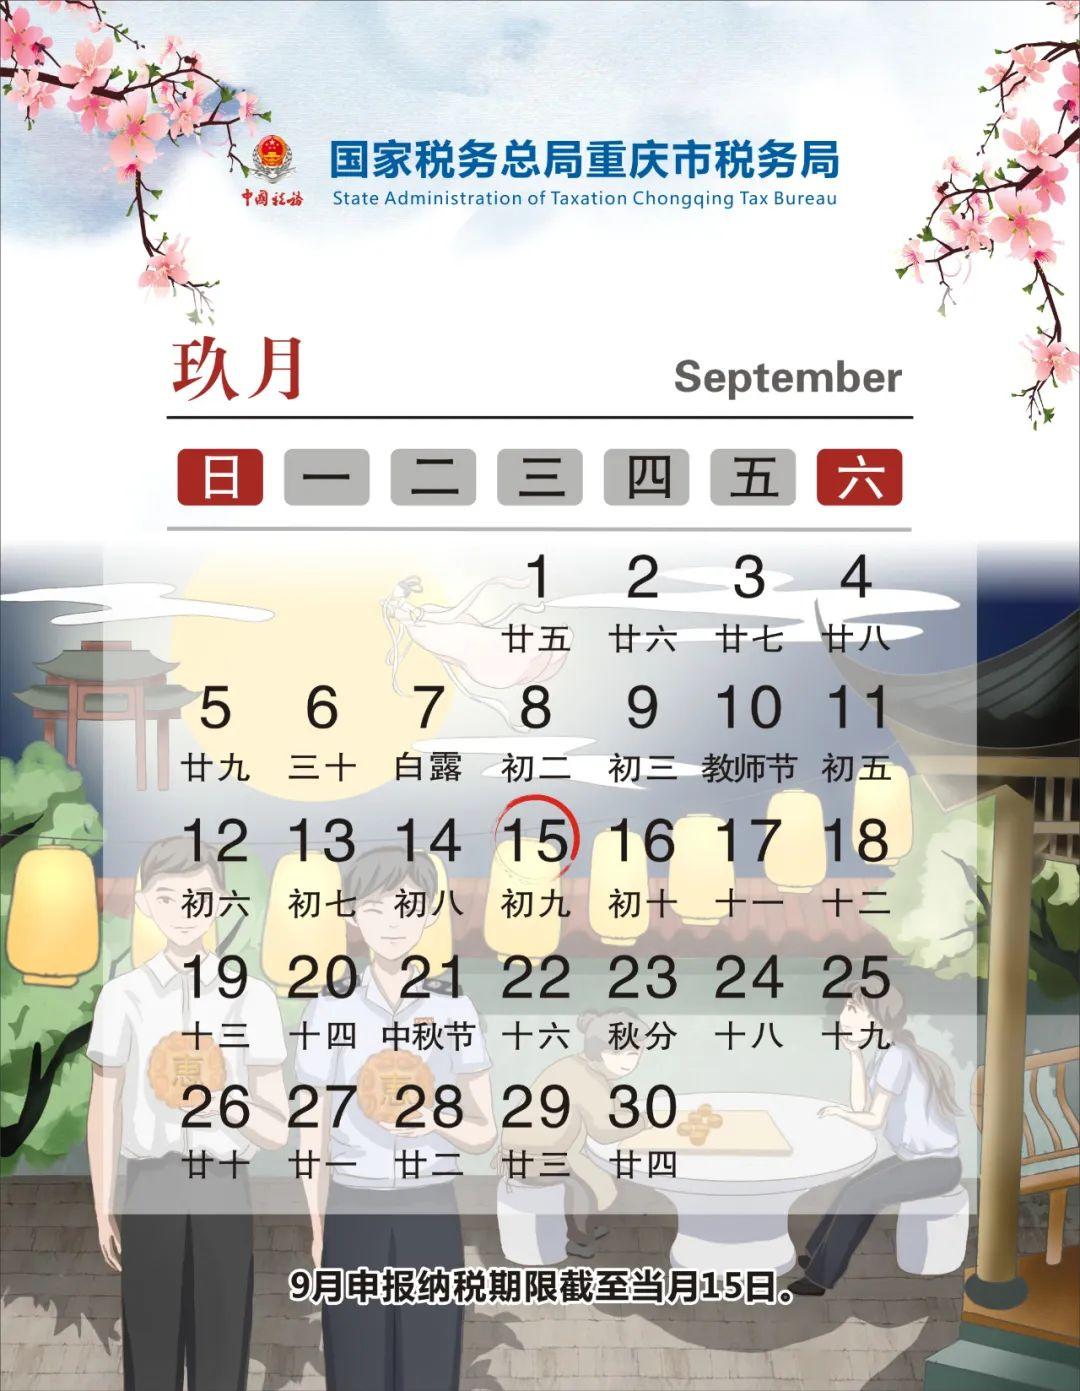 2021年9月纳税申报日历,请注意2021年9月份申报截止日期